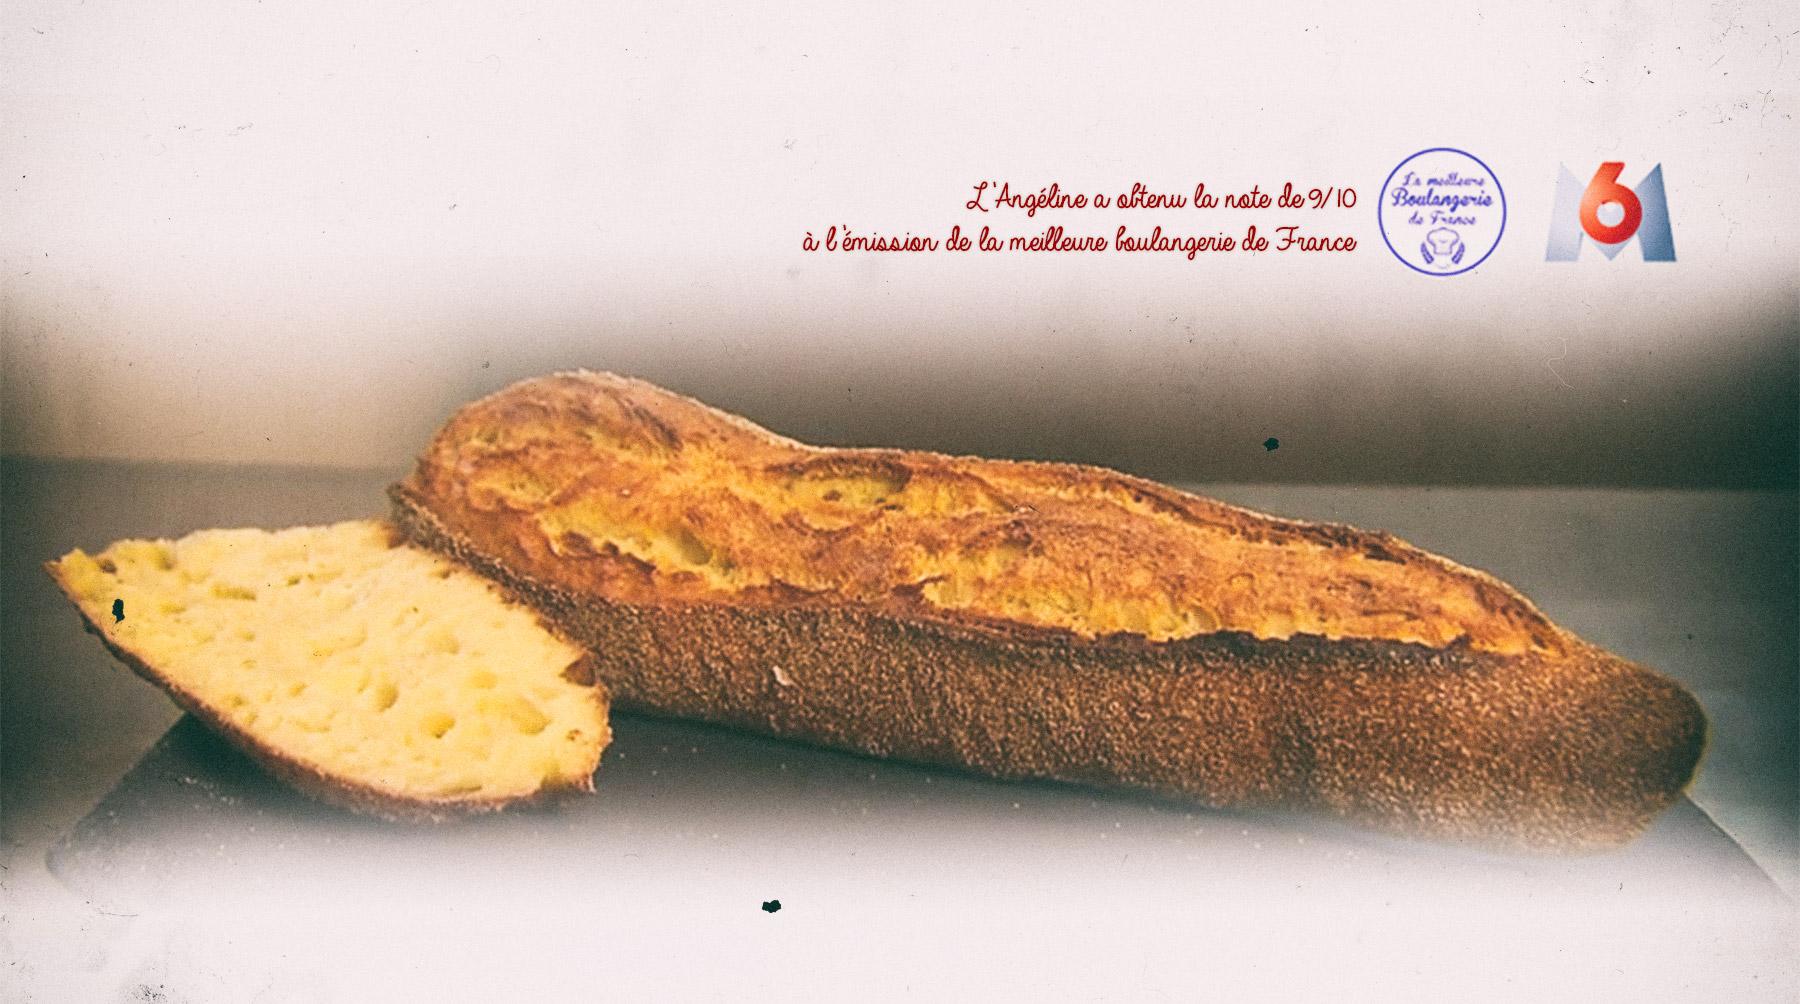 """Nous sommes passés dans l'émission """"la meilleure boulangerie de france"""" !"""